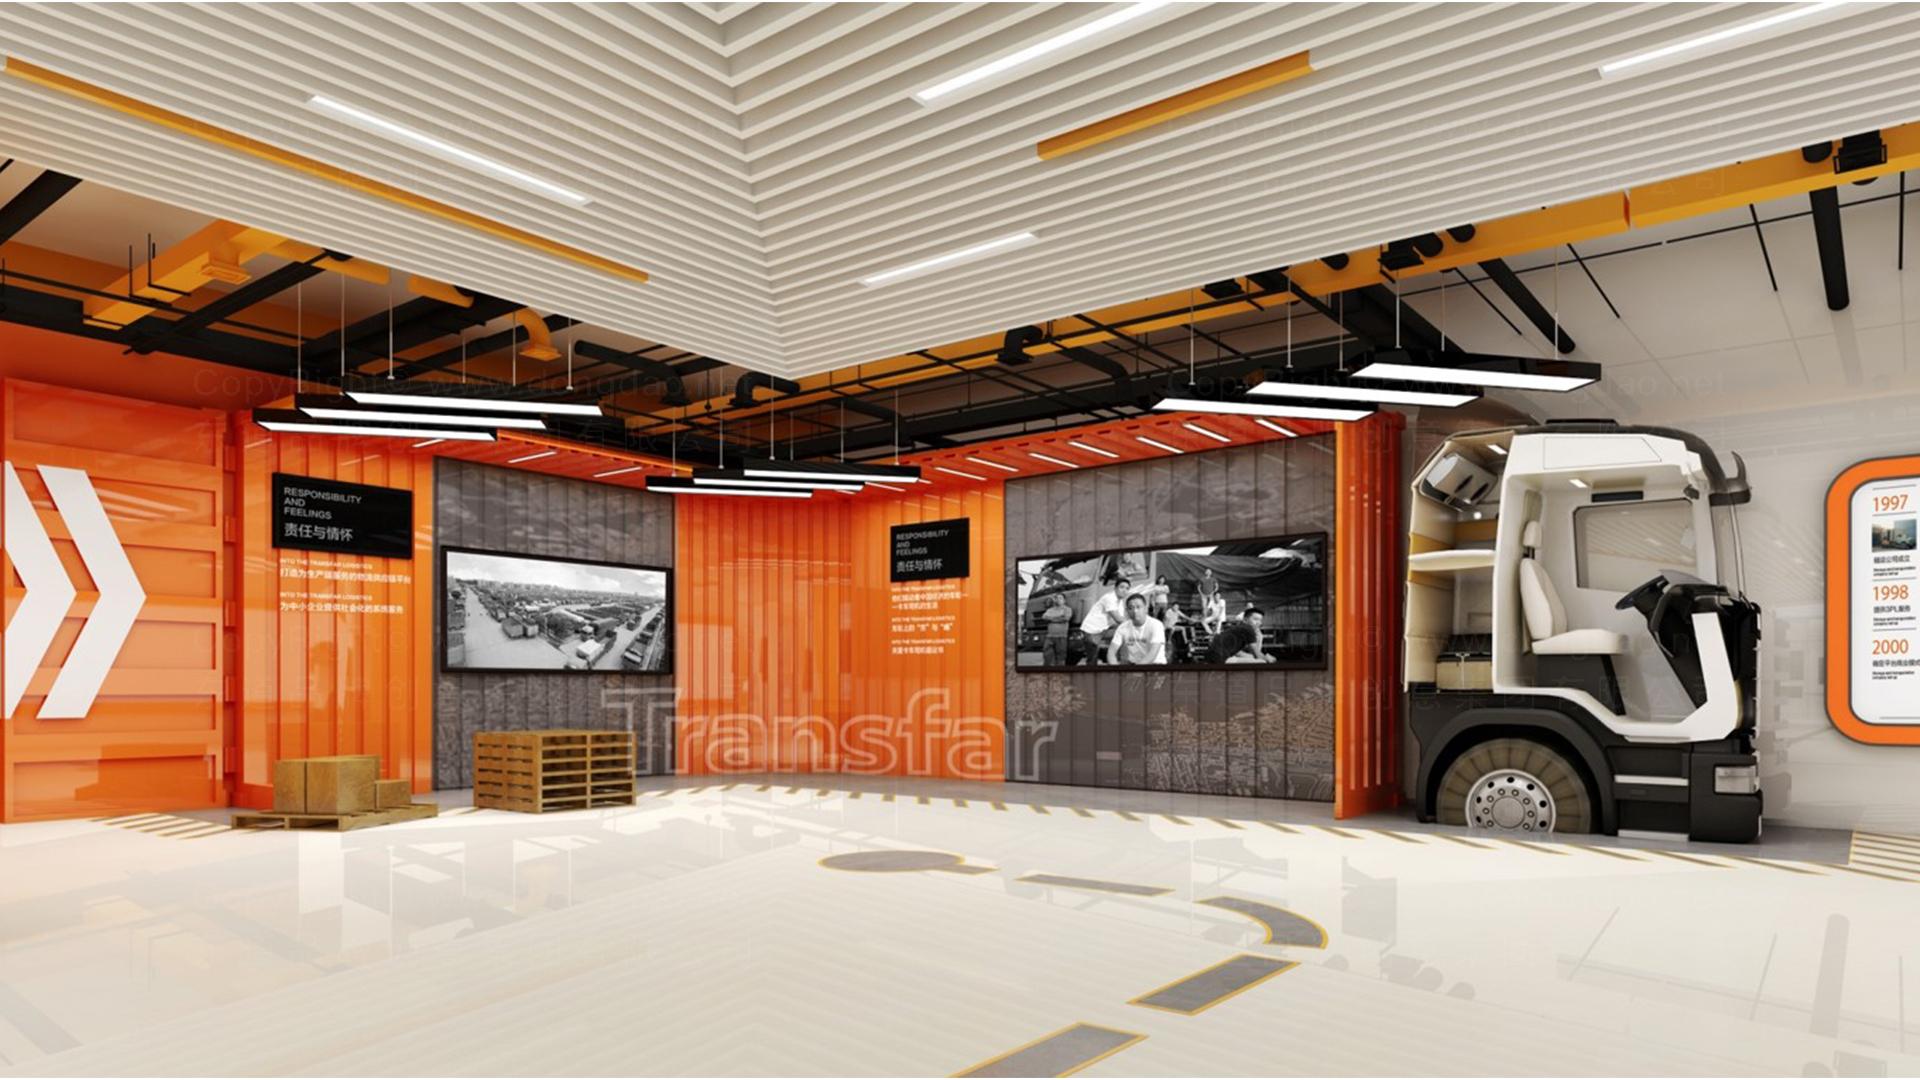 商业空间&导示传化支付展厅设计应用场景_1